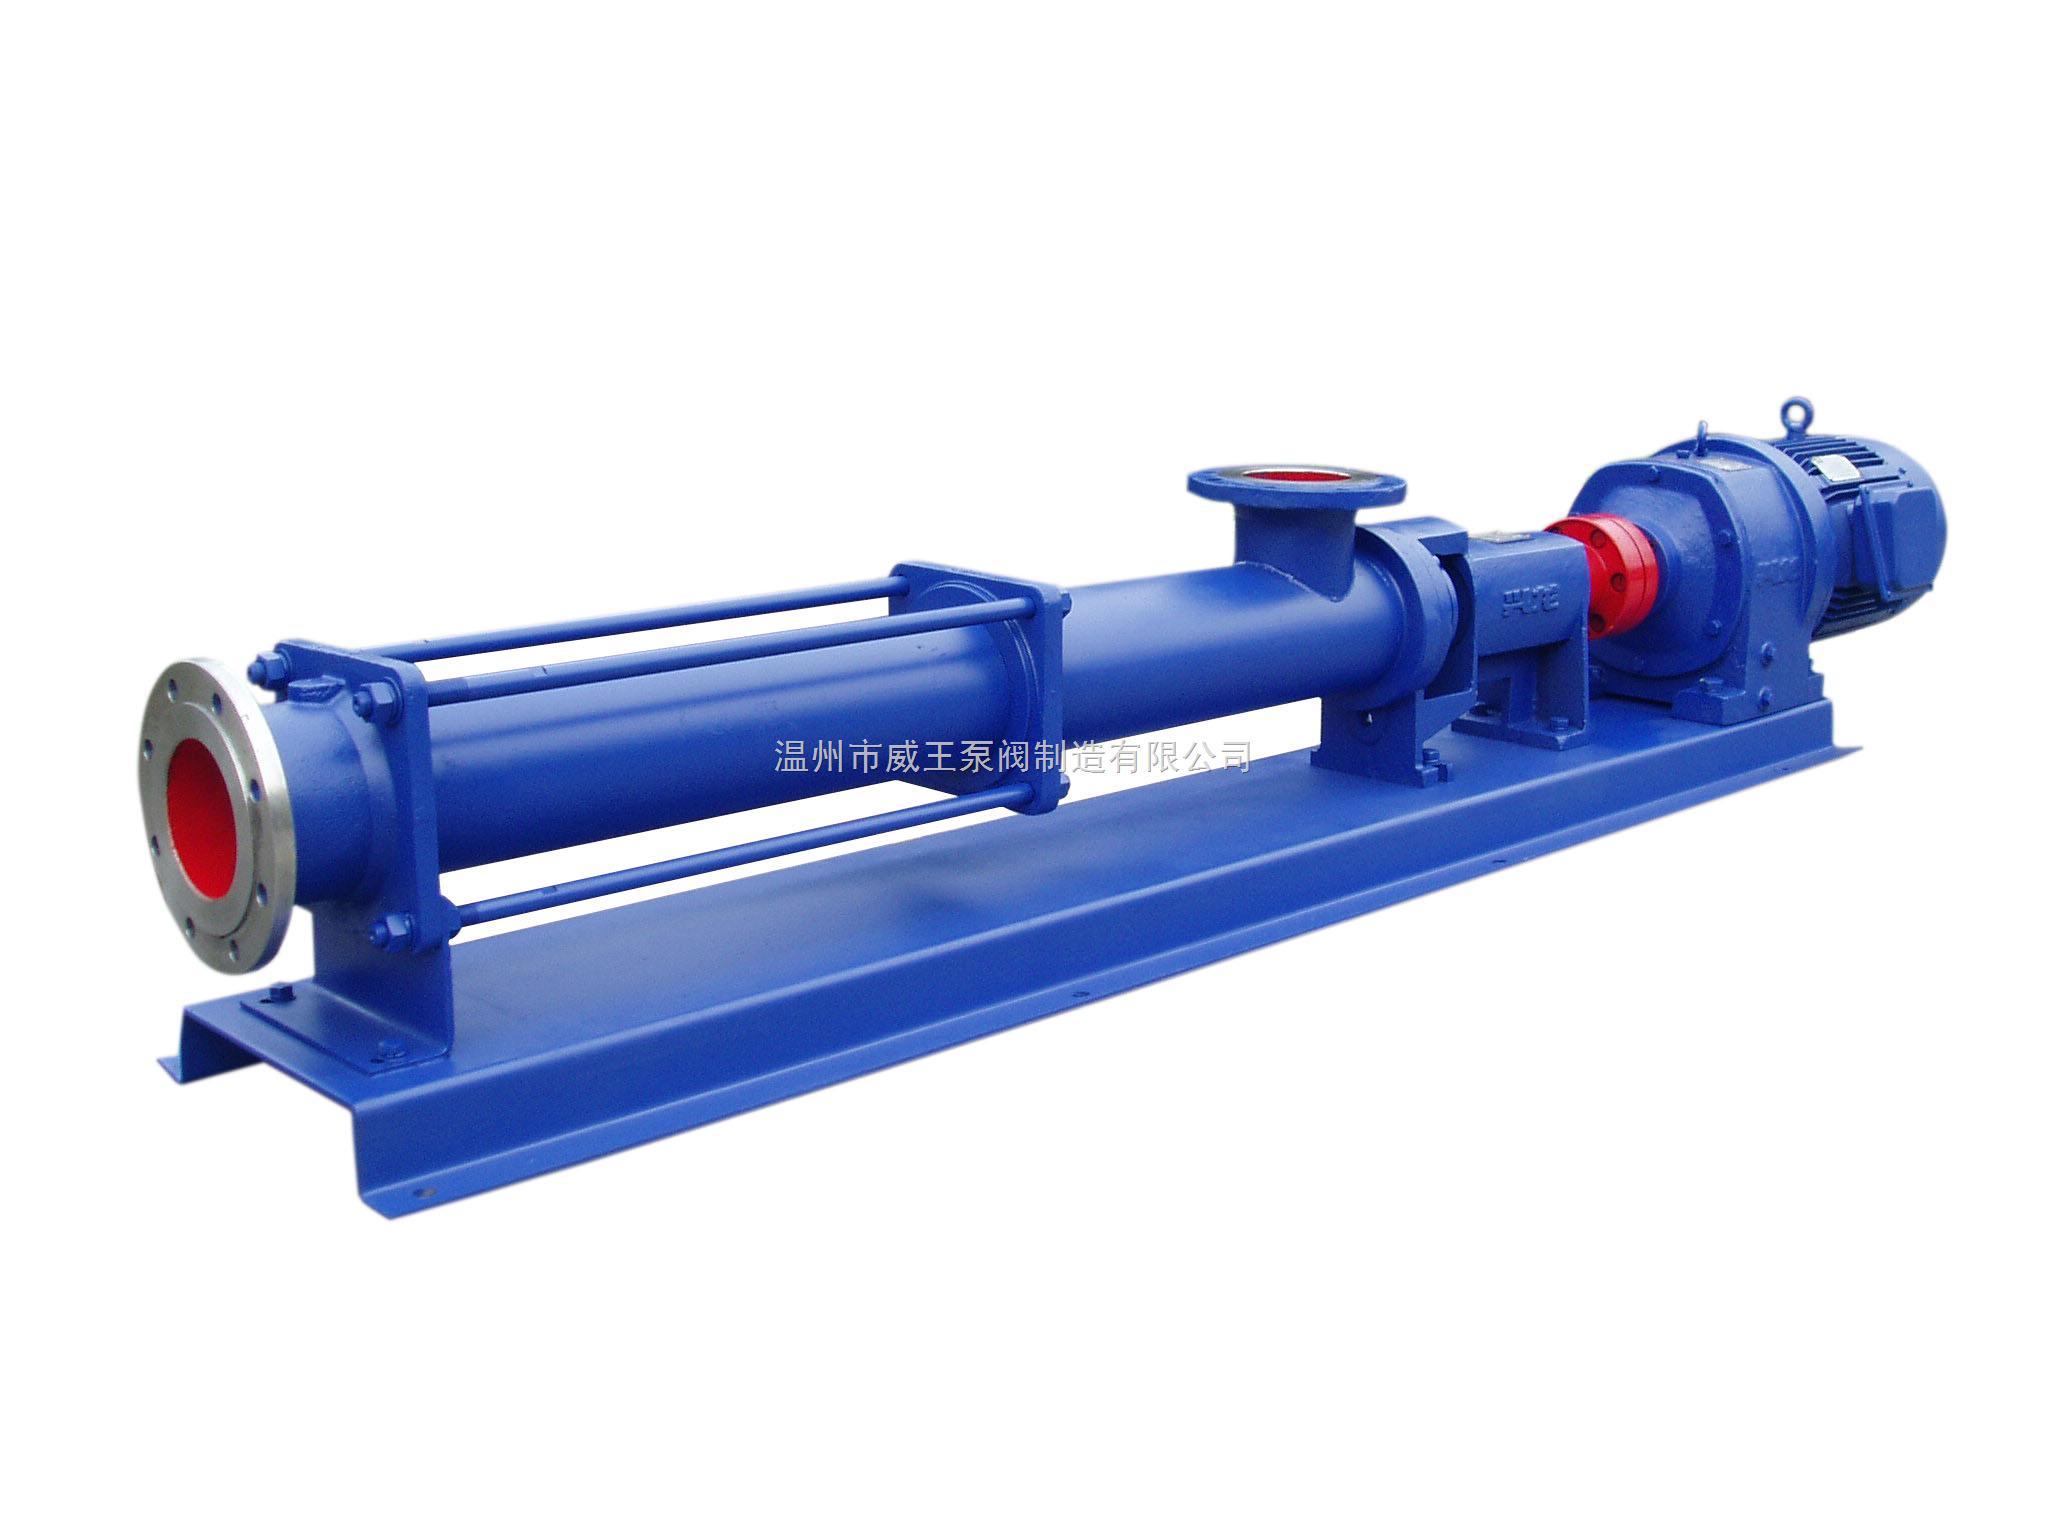 螺杆泵厂家:G型单螺杆泵